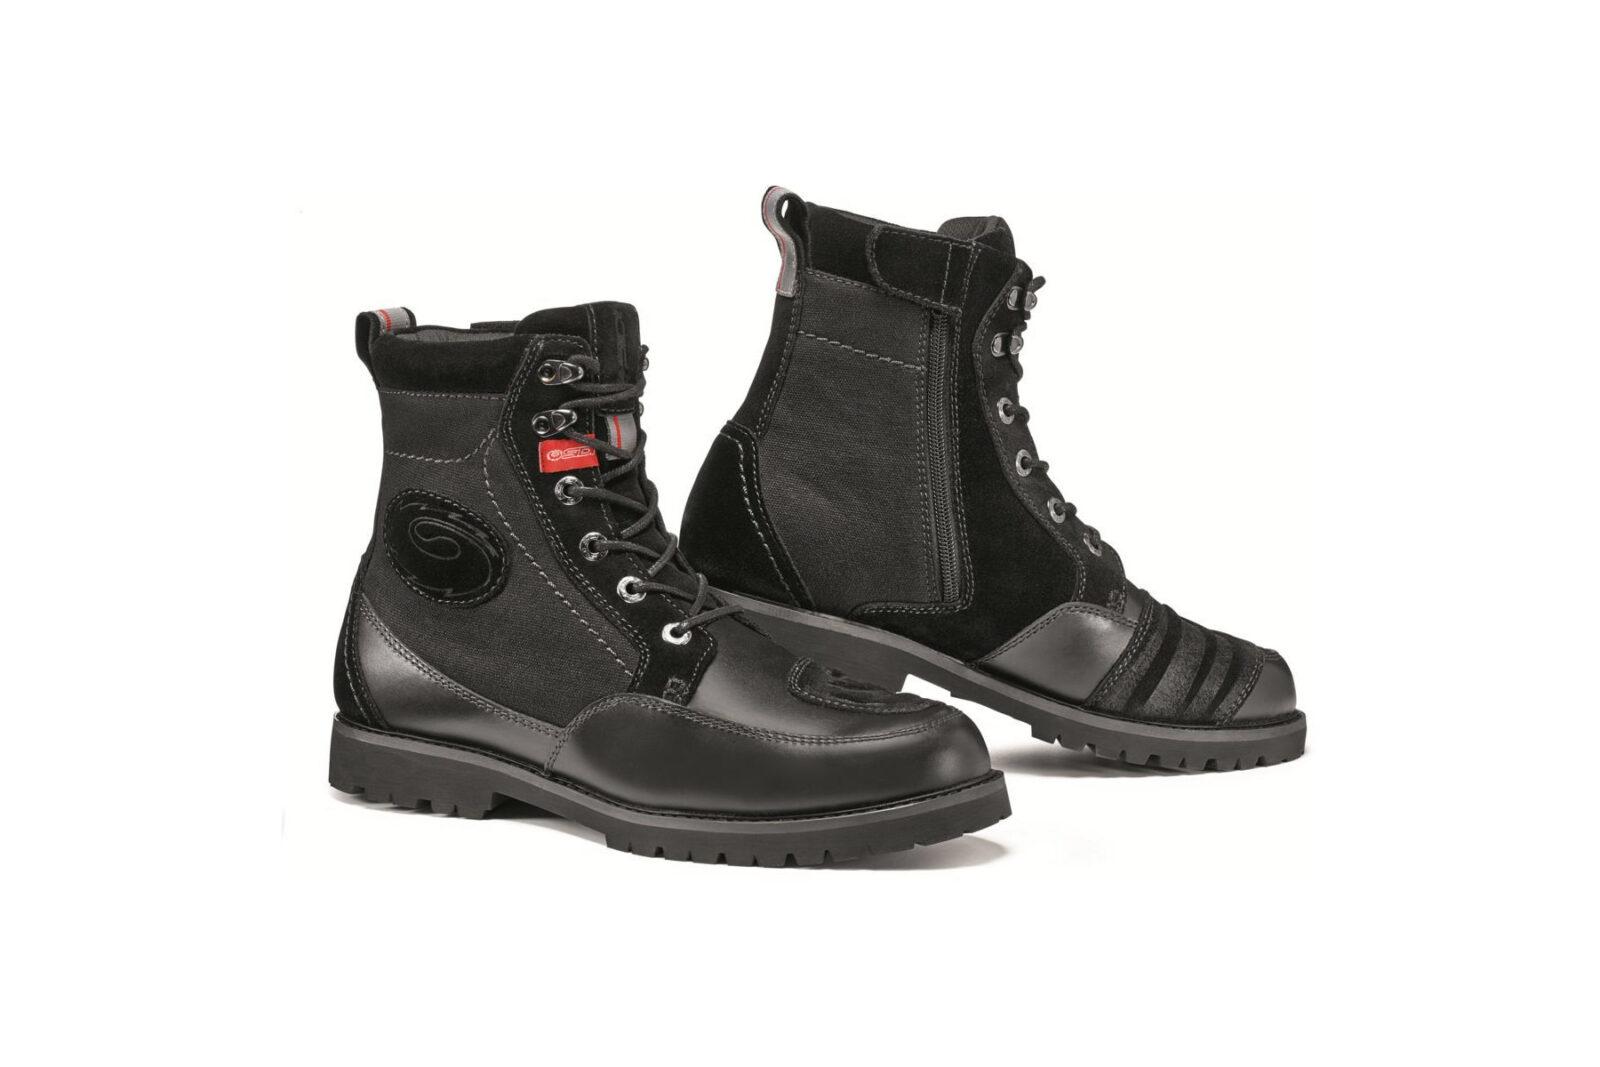 SIDI Arcadia Tex Boots 1600x1067 - SIDI Arcadia Tex Motorcycle Boots